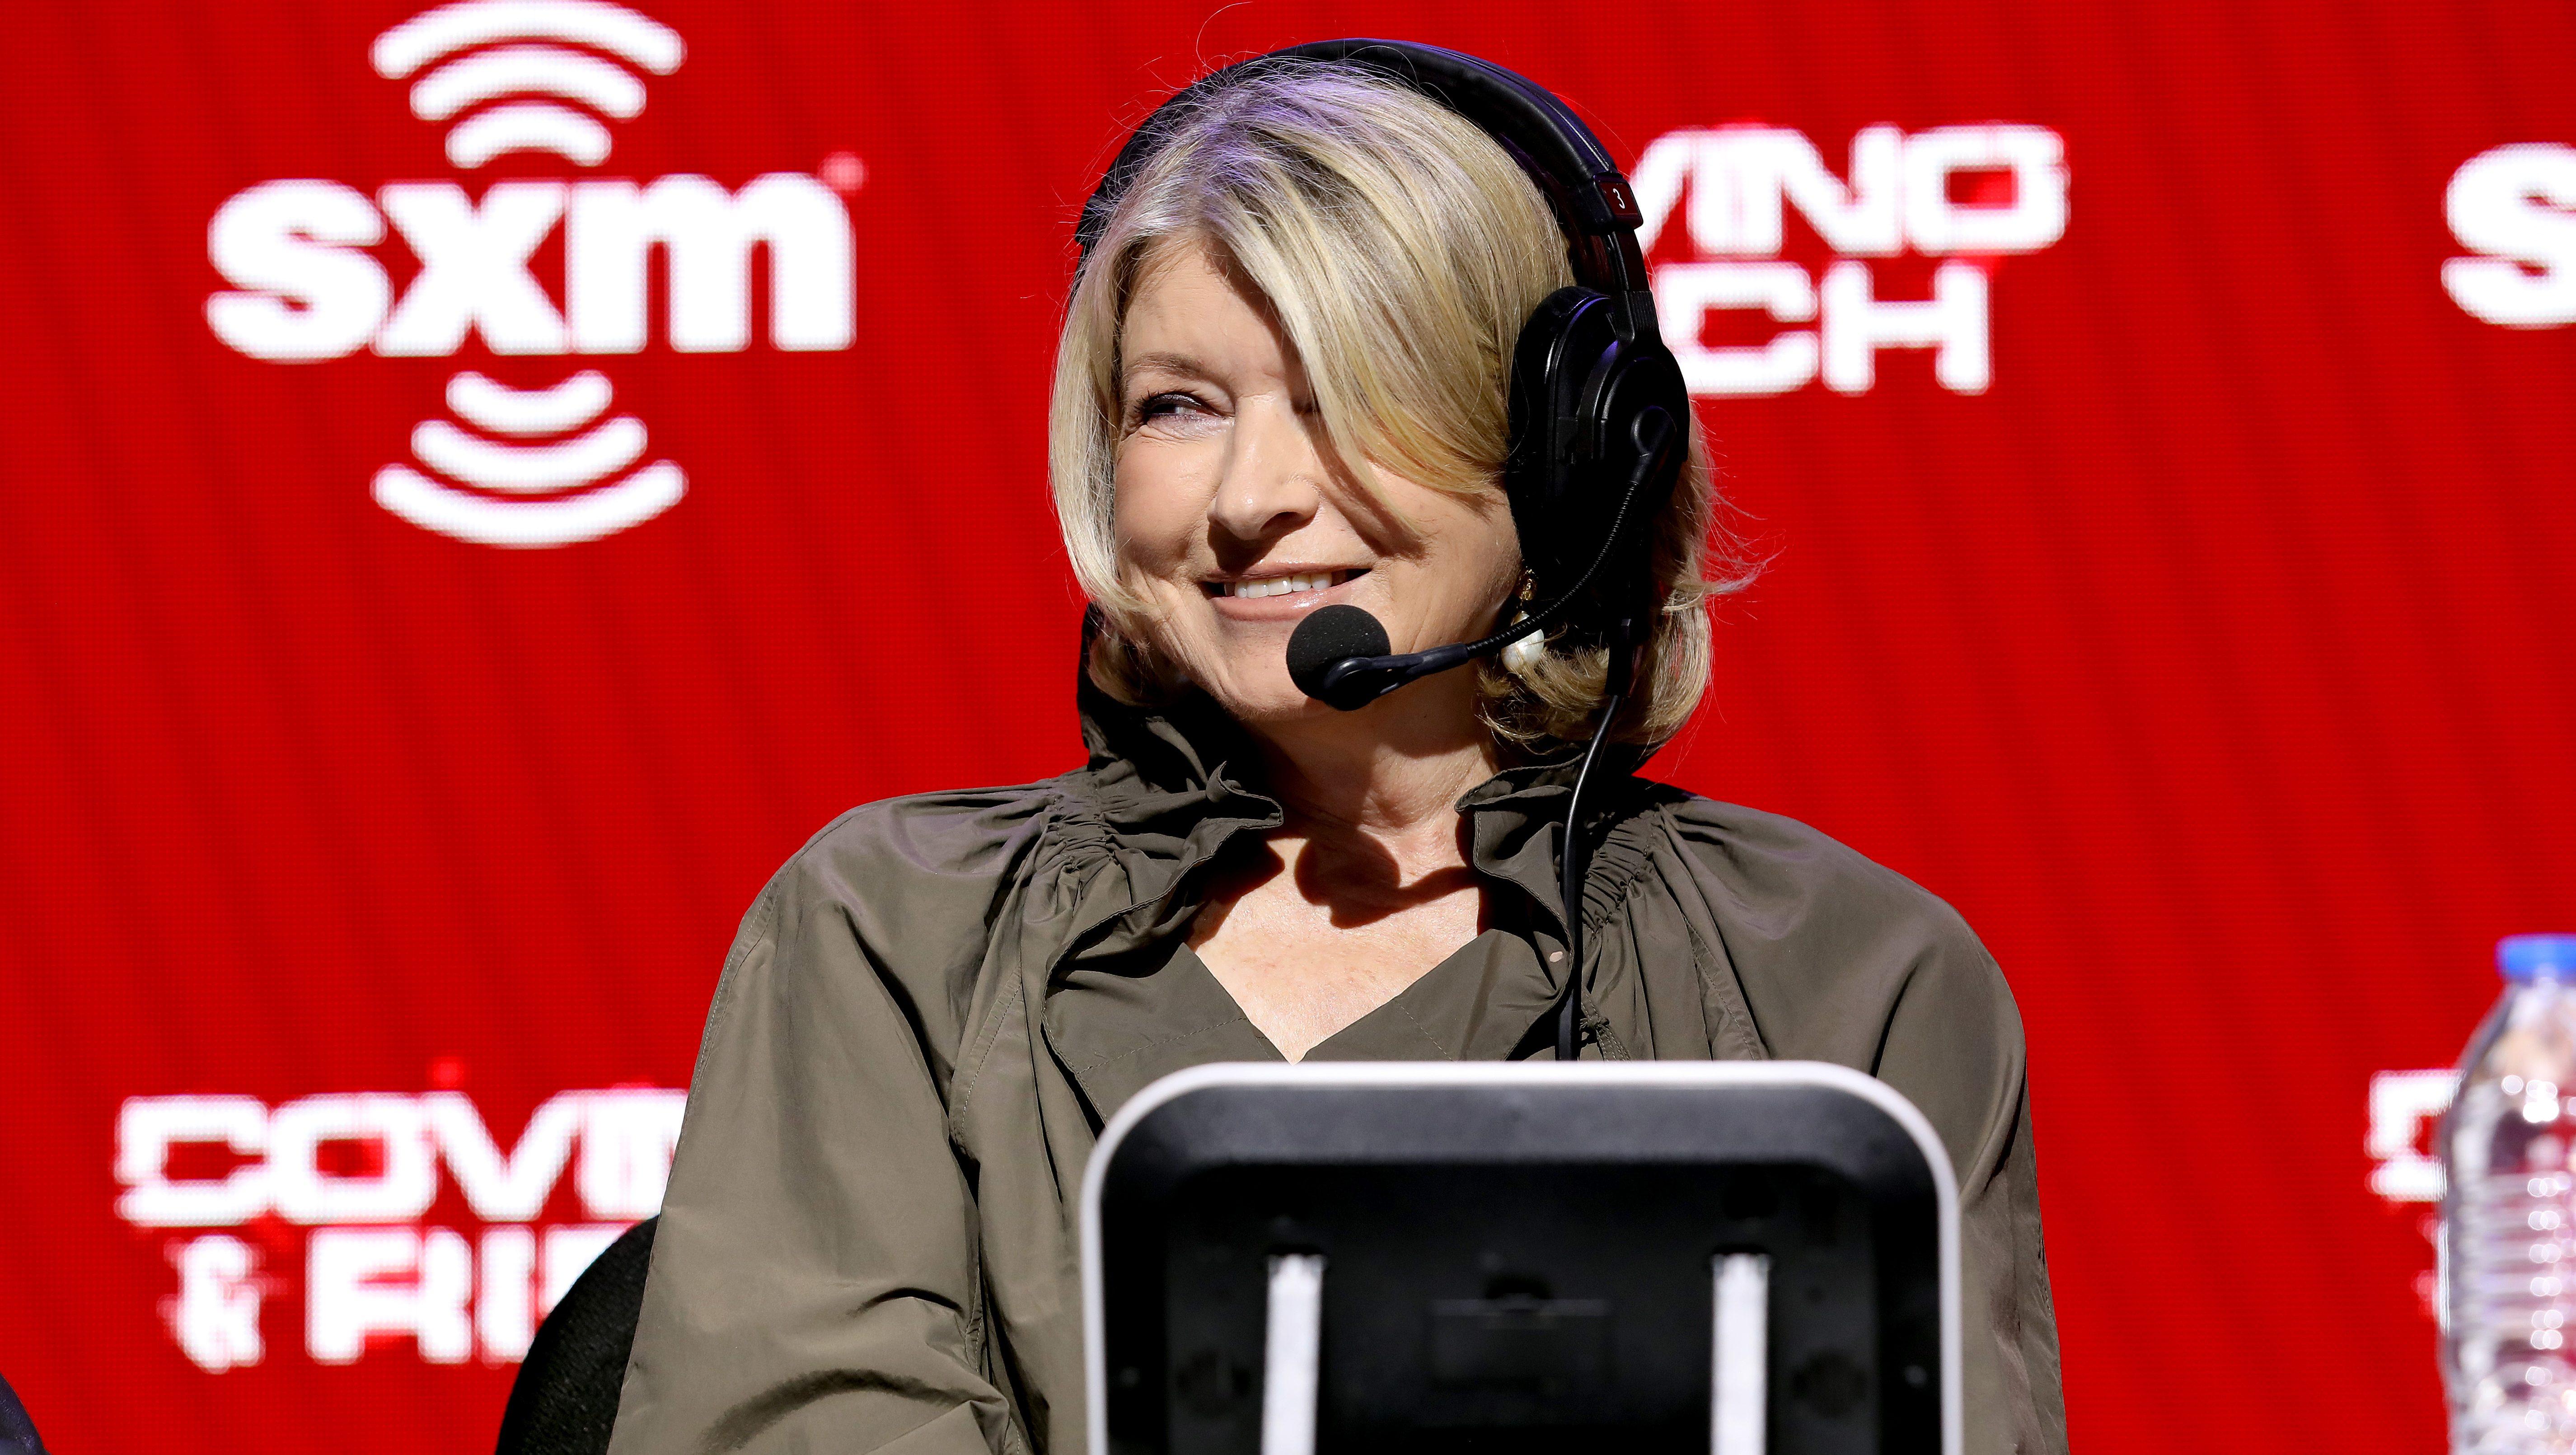 Martha Stewart gibberish